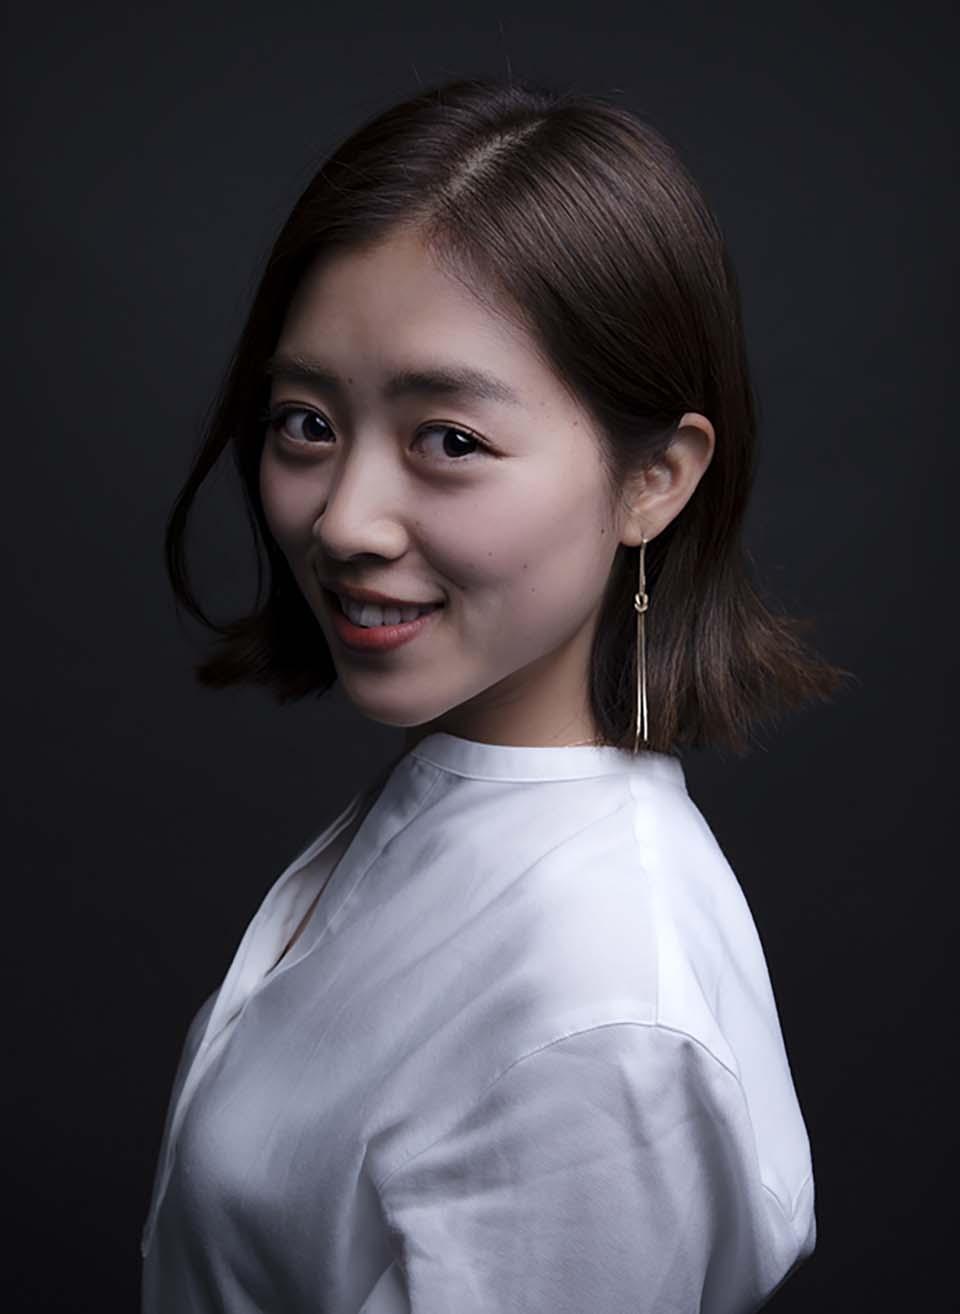 Image: Chinatsu